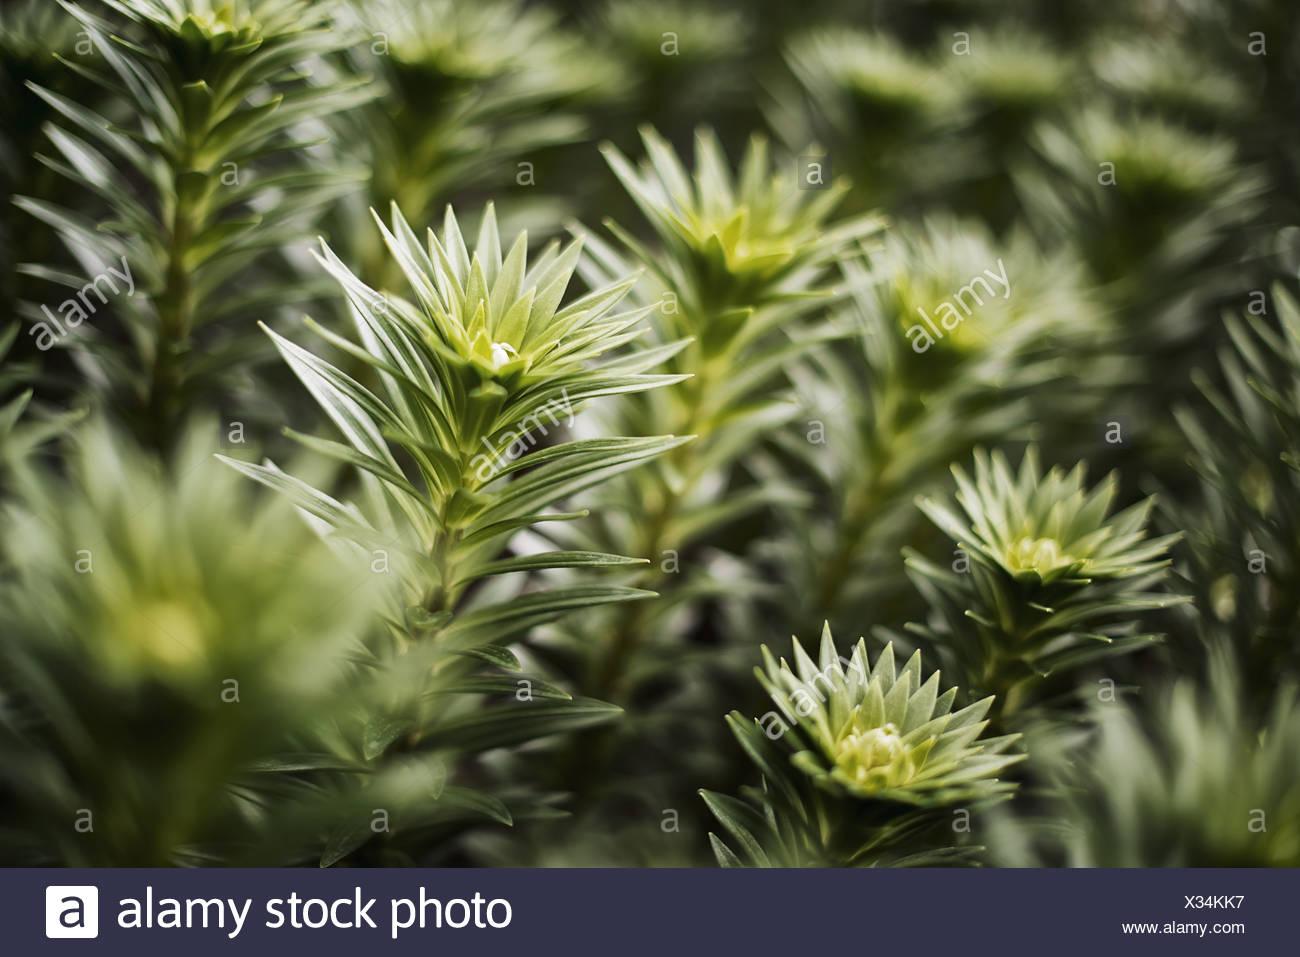 Woodstock, New York USA Organic plantes poussent dans la croissance des émissions. Photo Stock